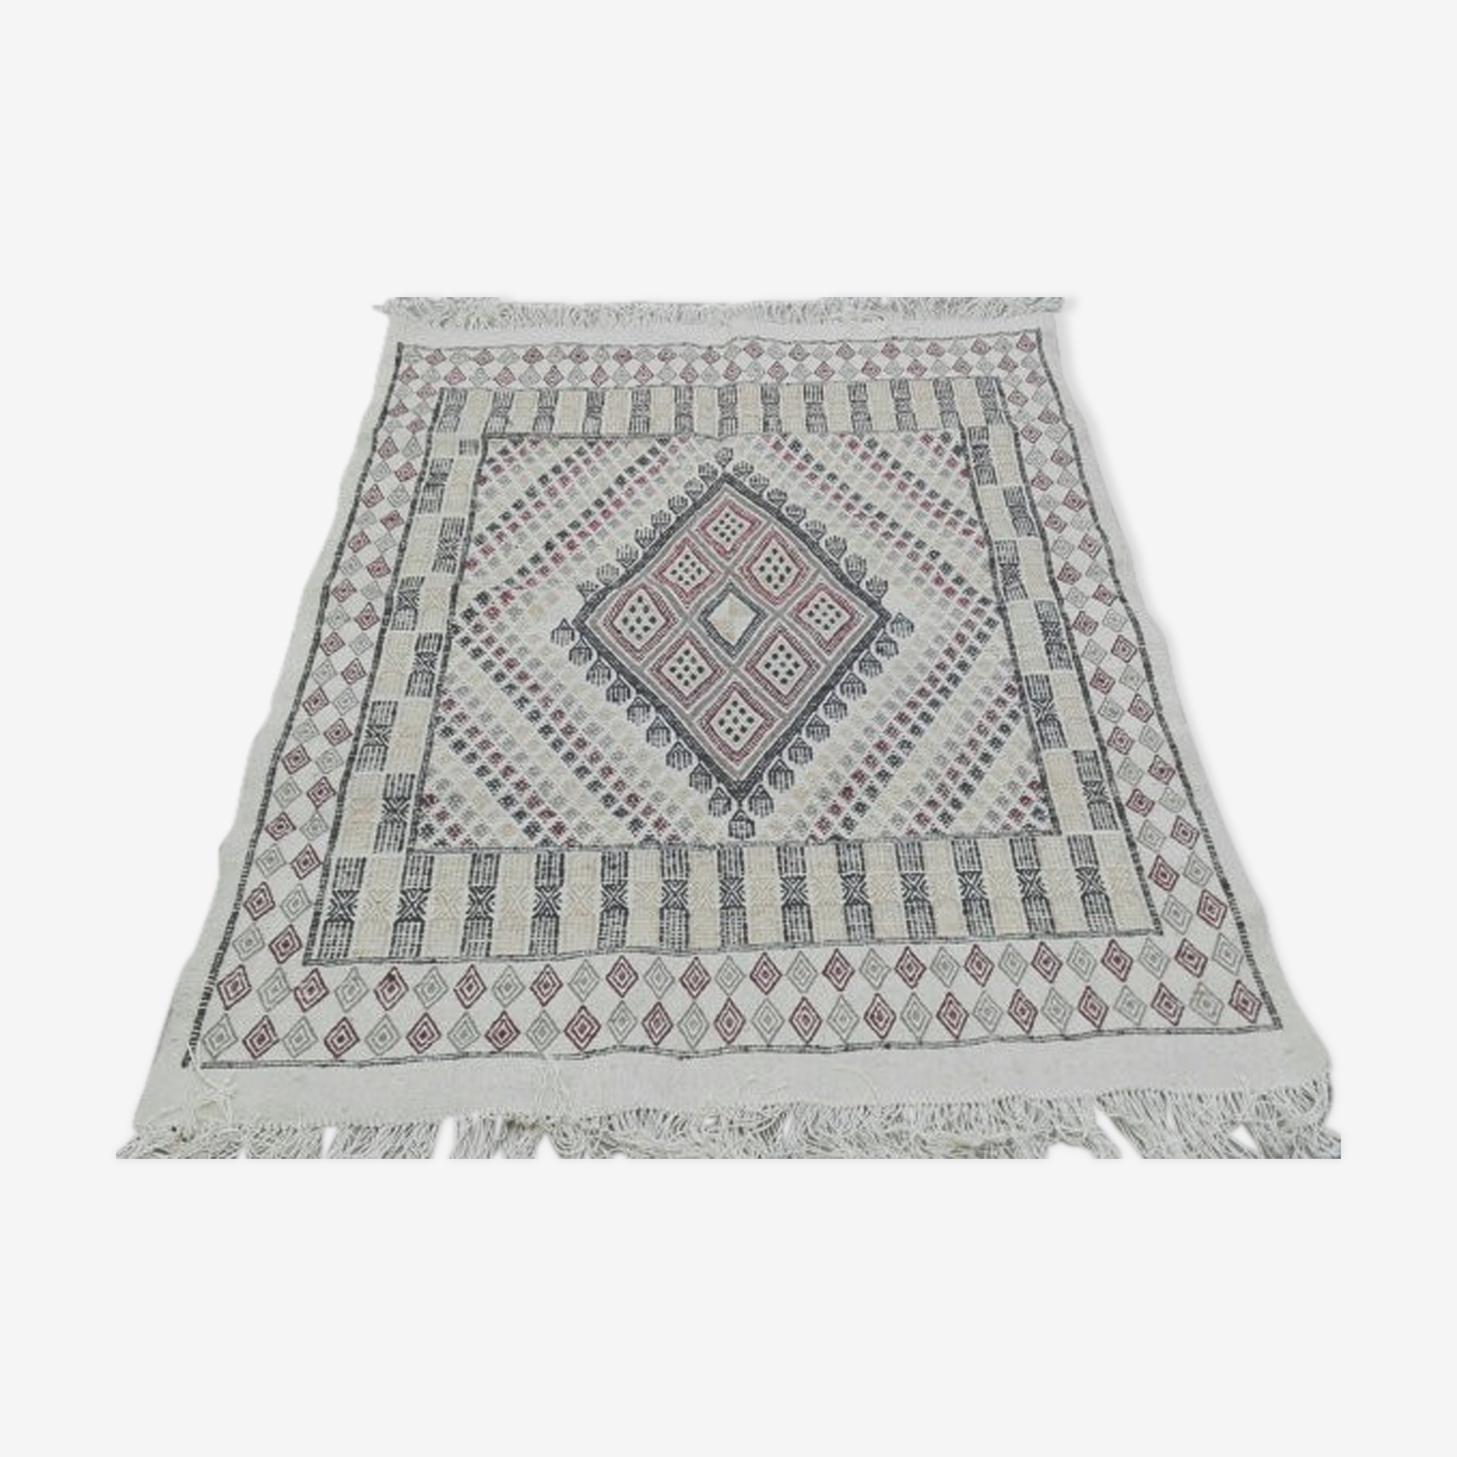 Tapis kilim berbère marocain en laine fait main 130x186cm